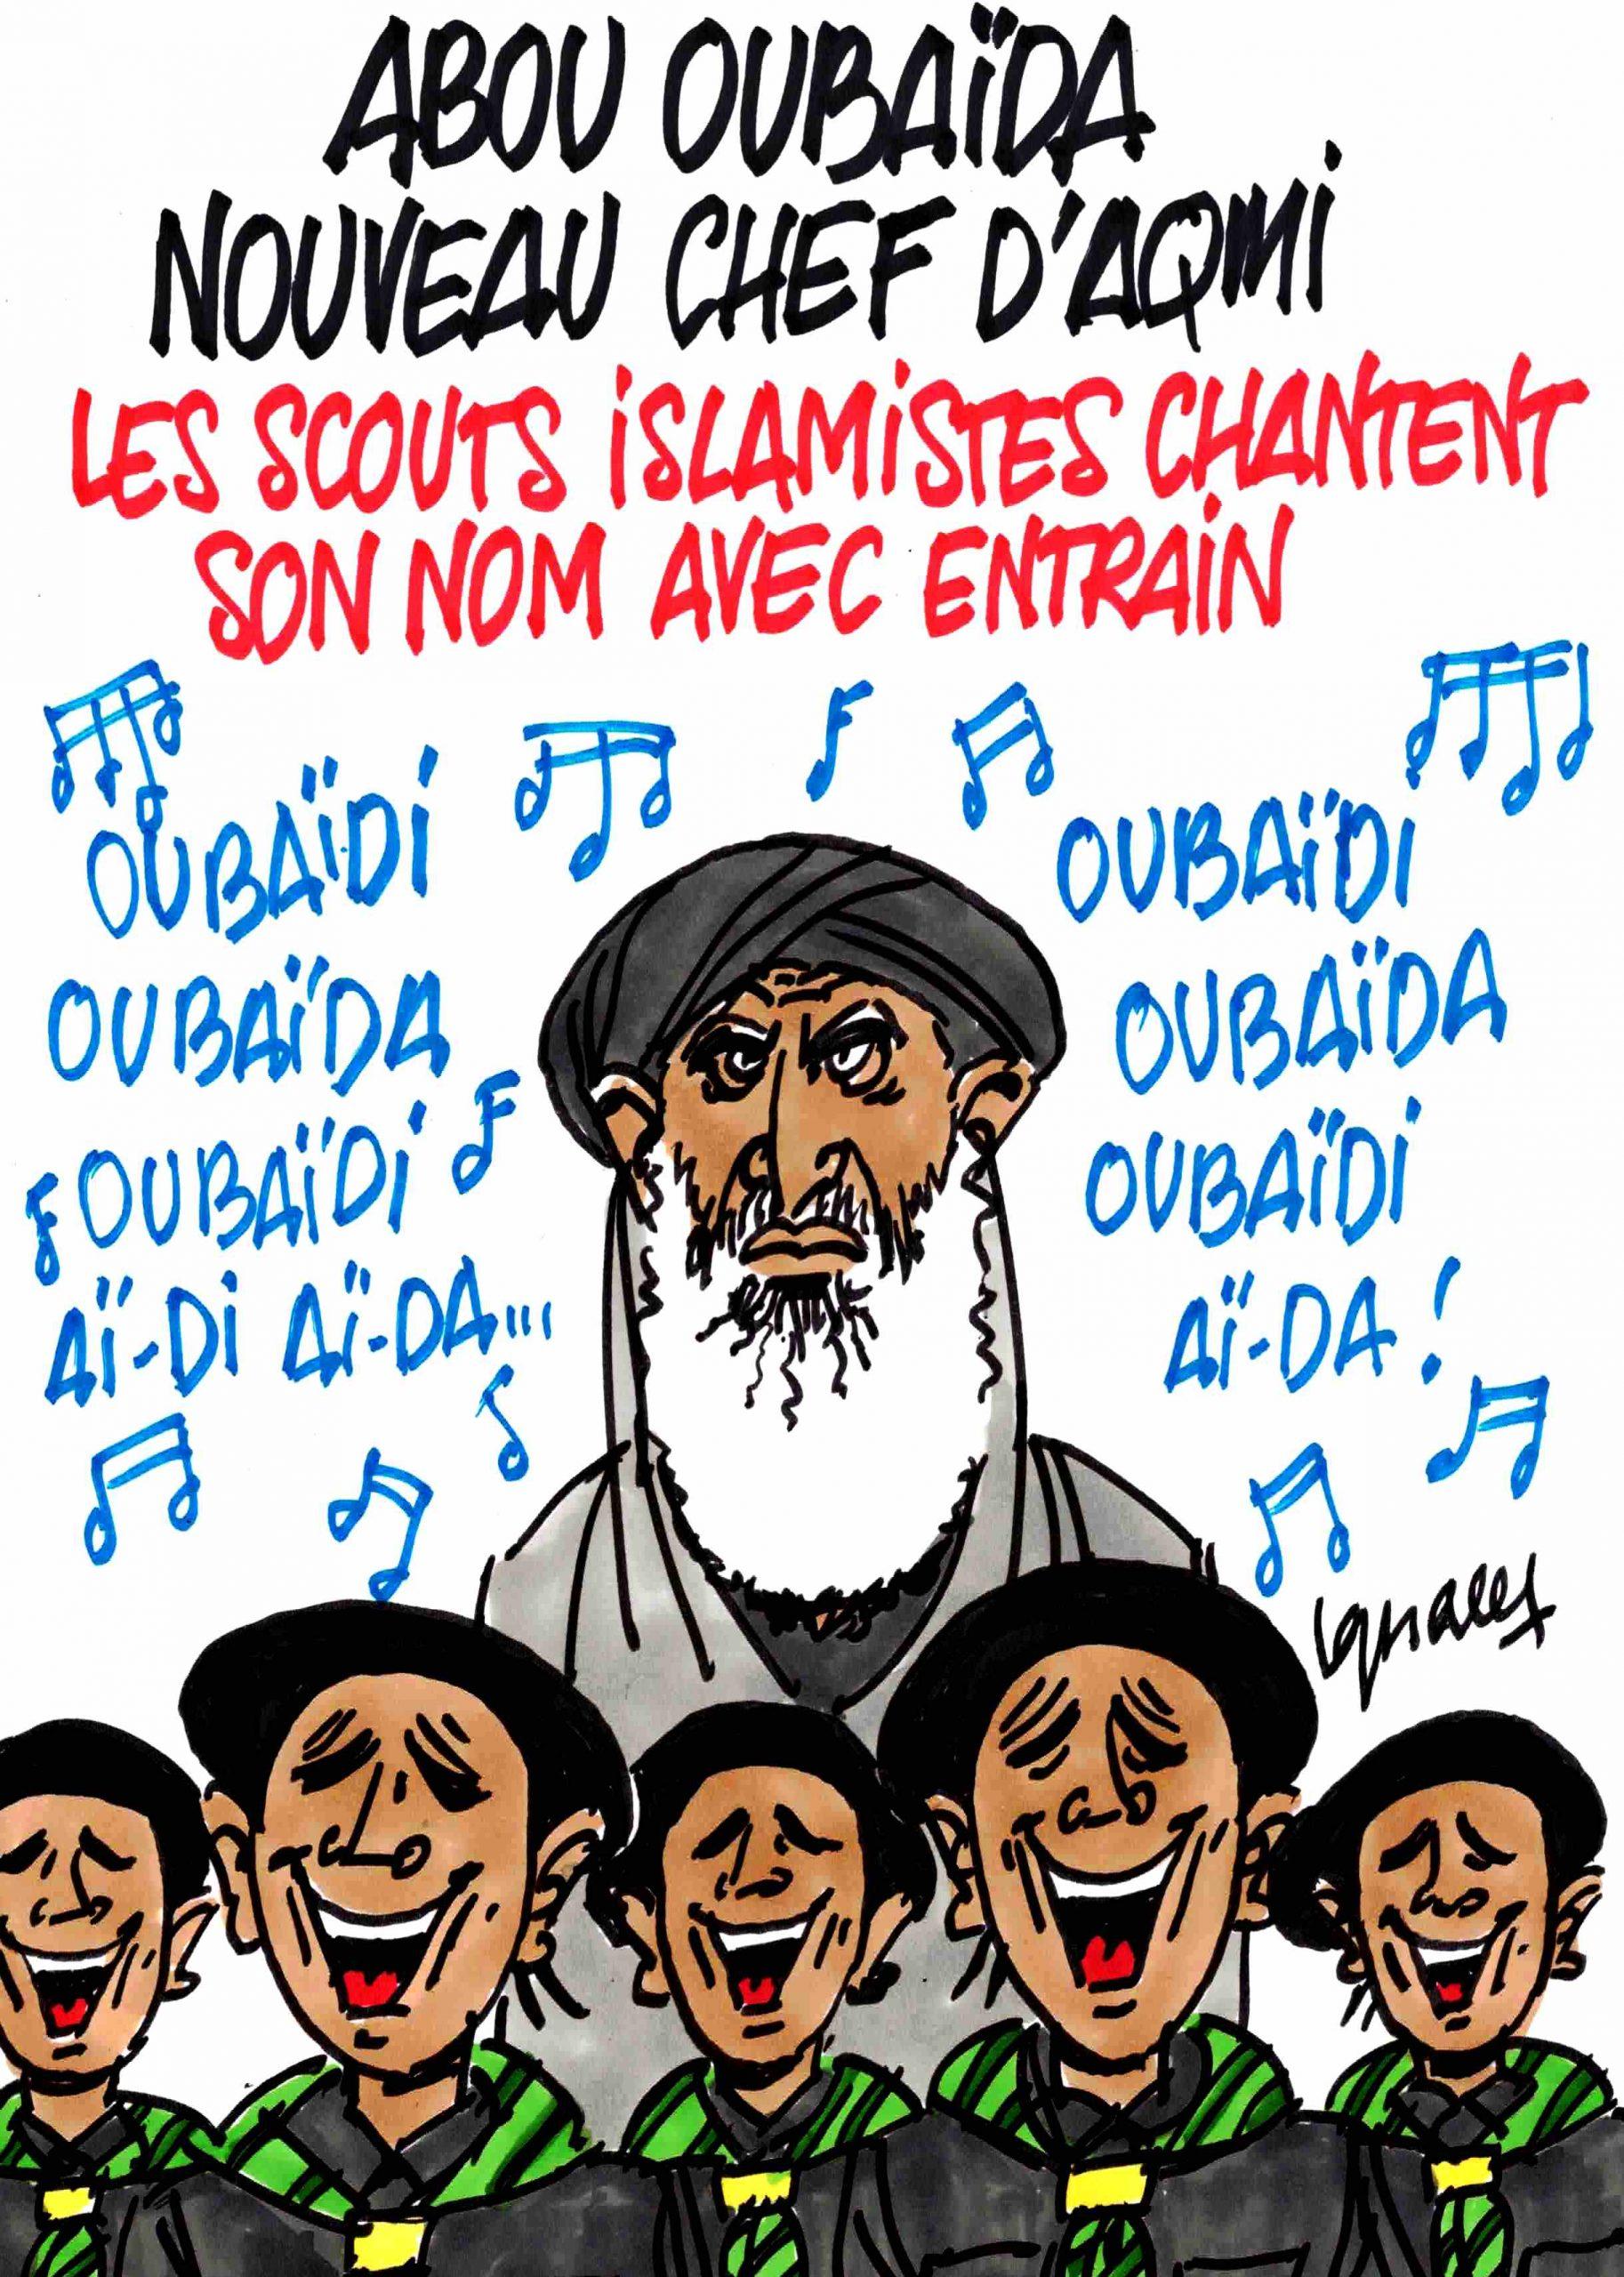 https://www.medias-presse.info/ignace-abou-oubaida-nouveau-chef-daqmi/136764/